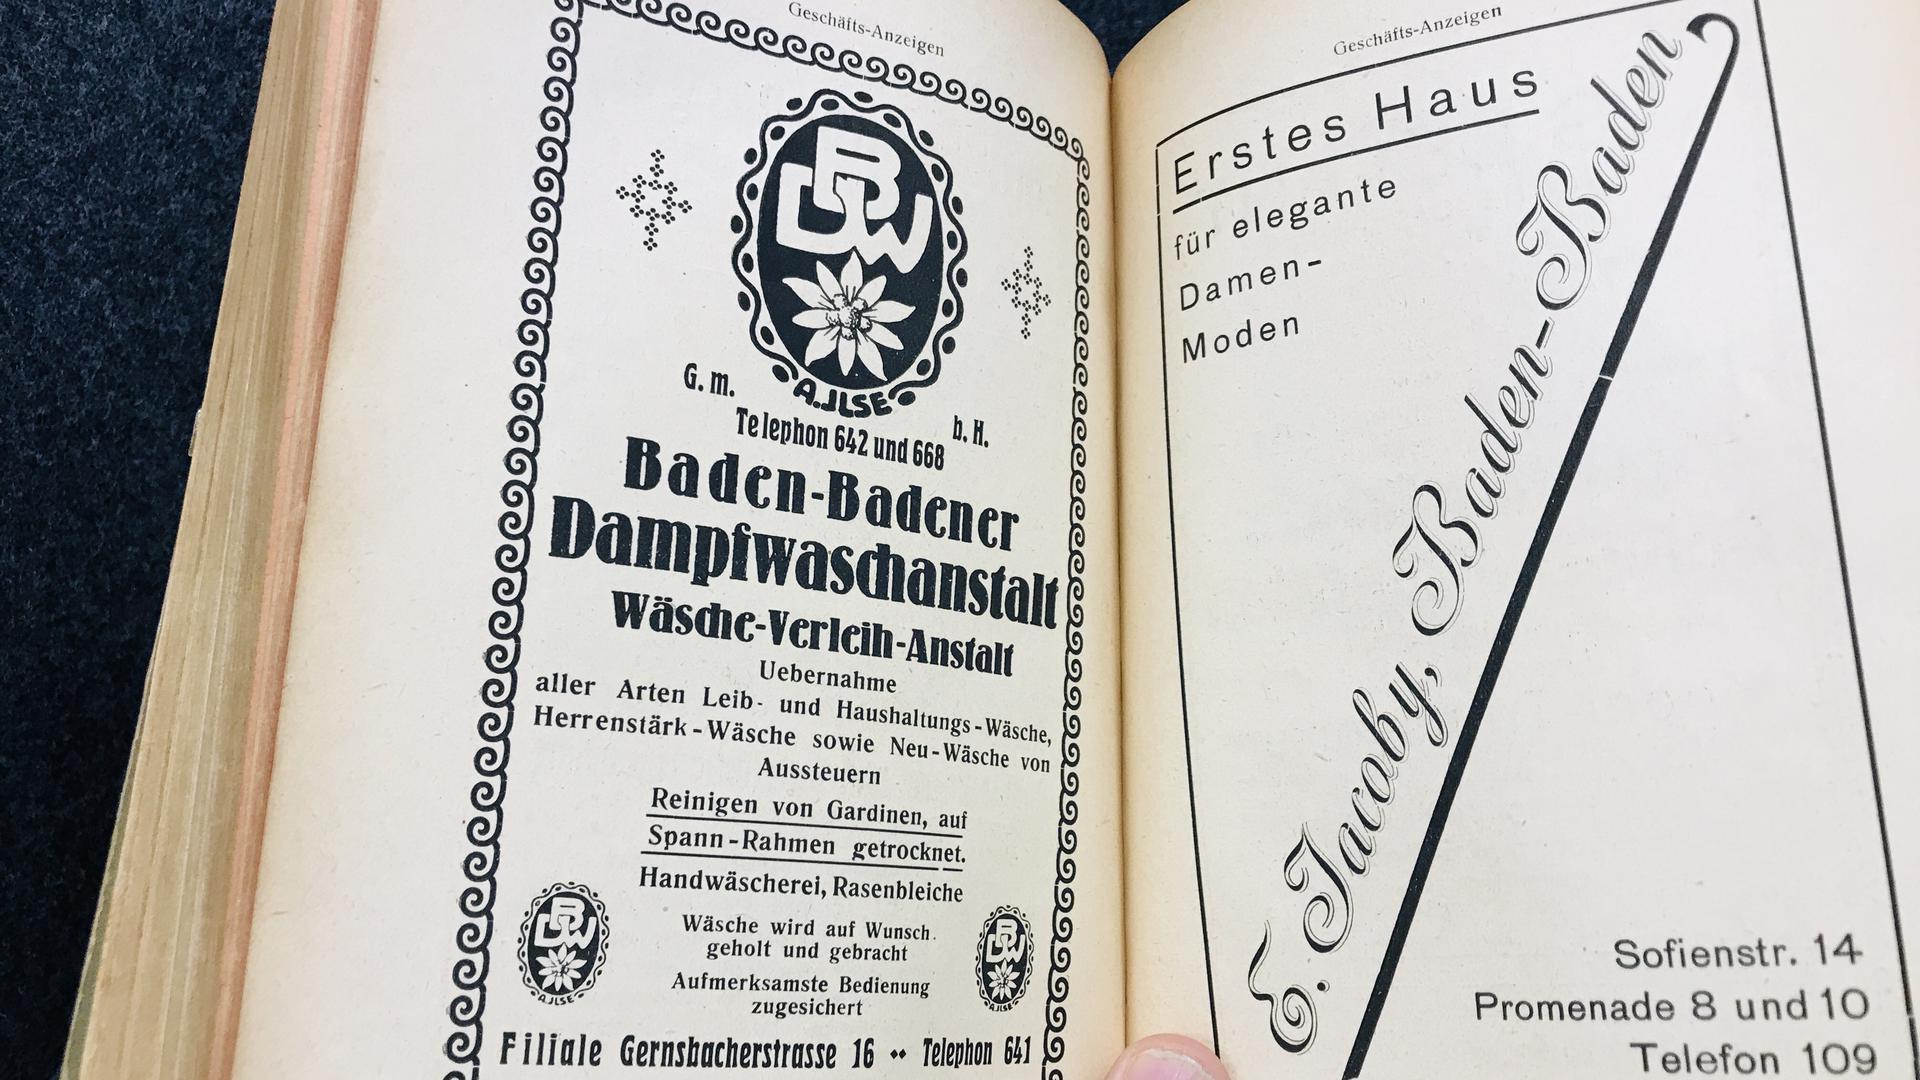 Im Adressbuch von Baden-Baden aus dem Jahr 1920 preist die Baden-Badener Dampfwaschanstalt ihre Dienste an.